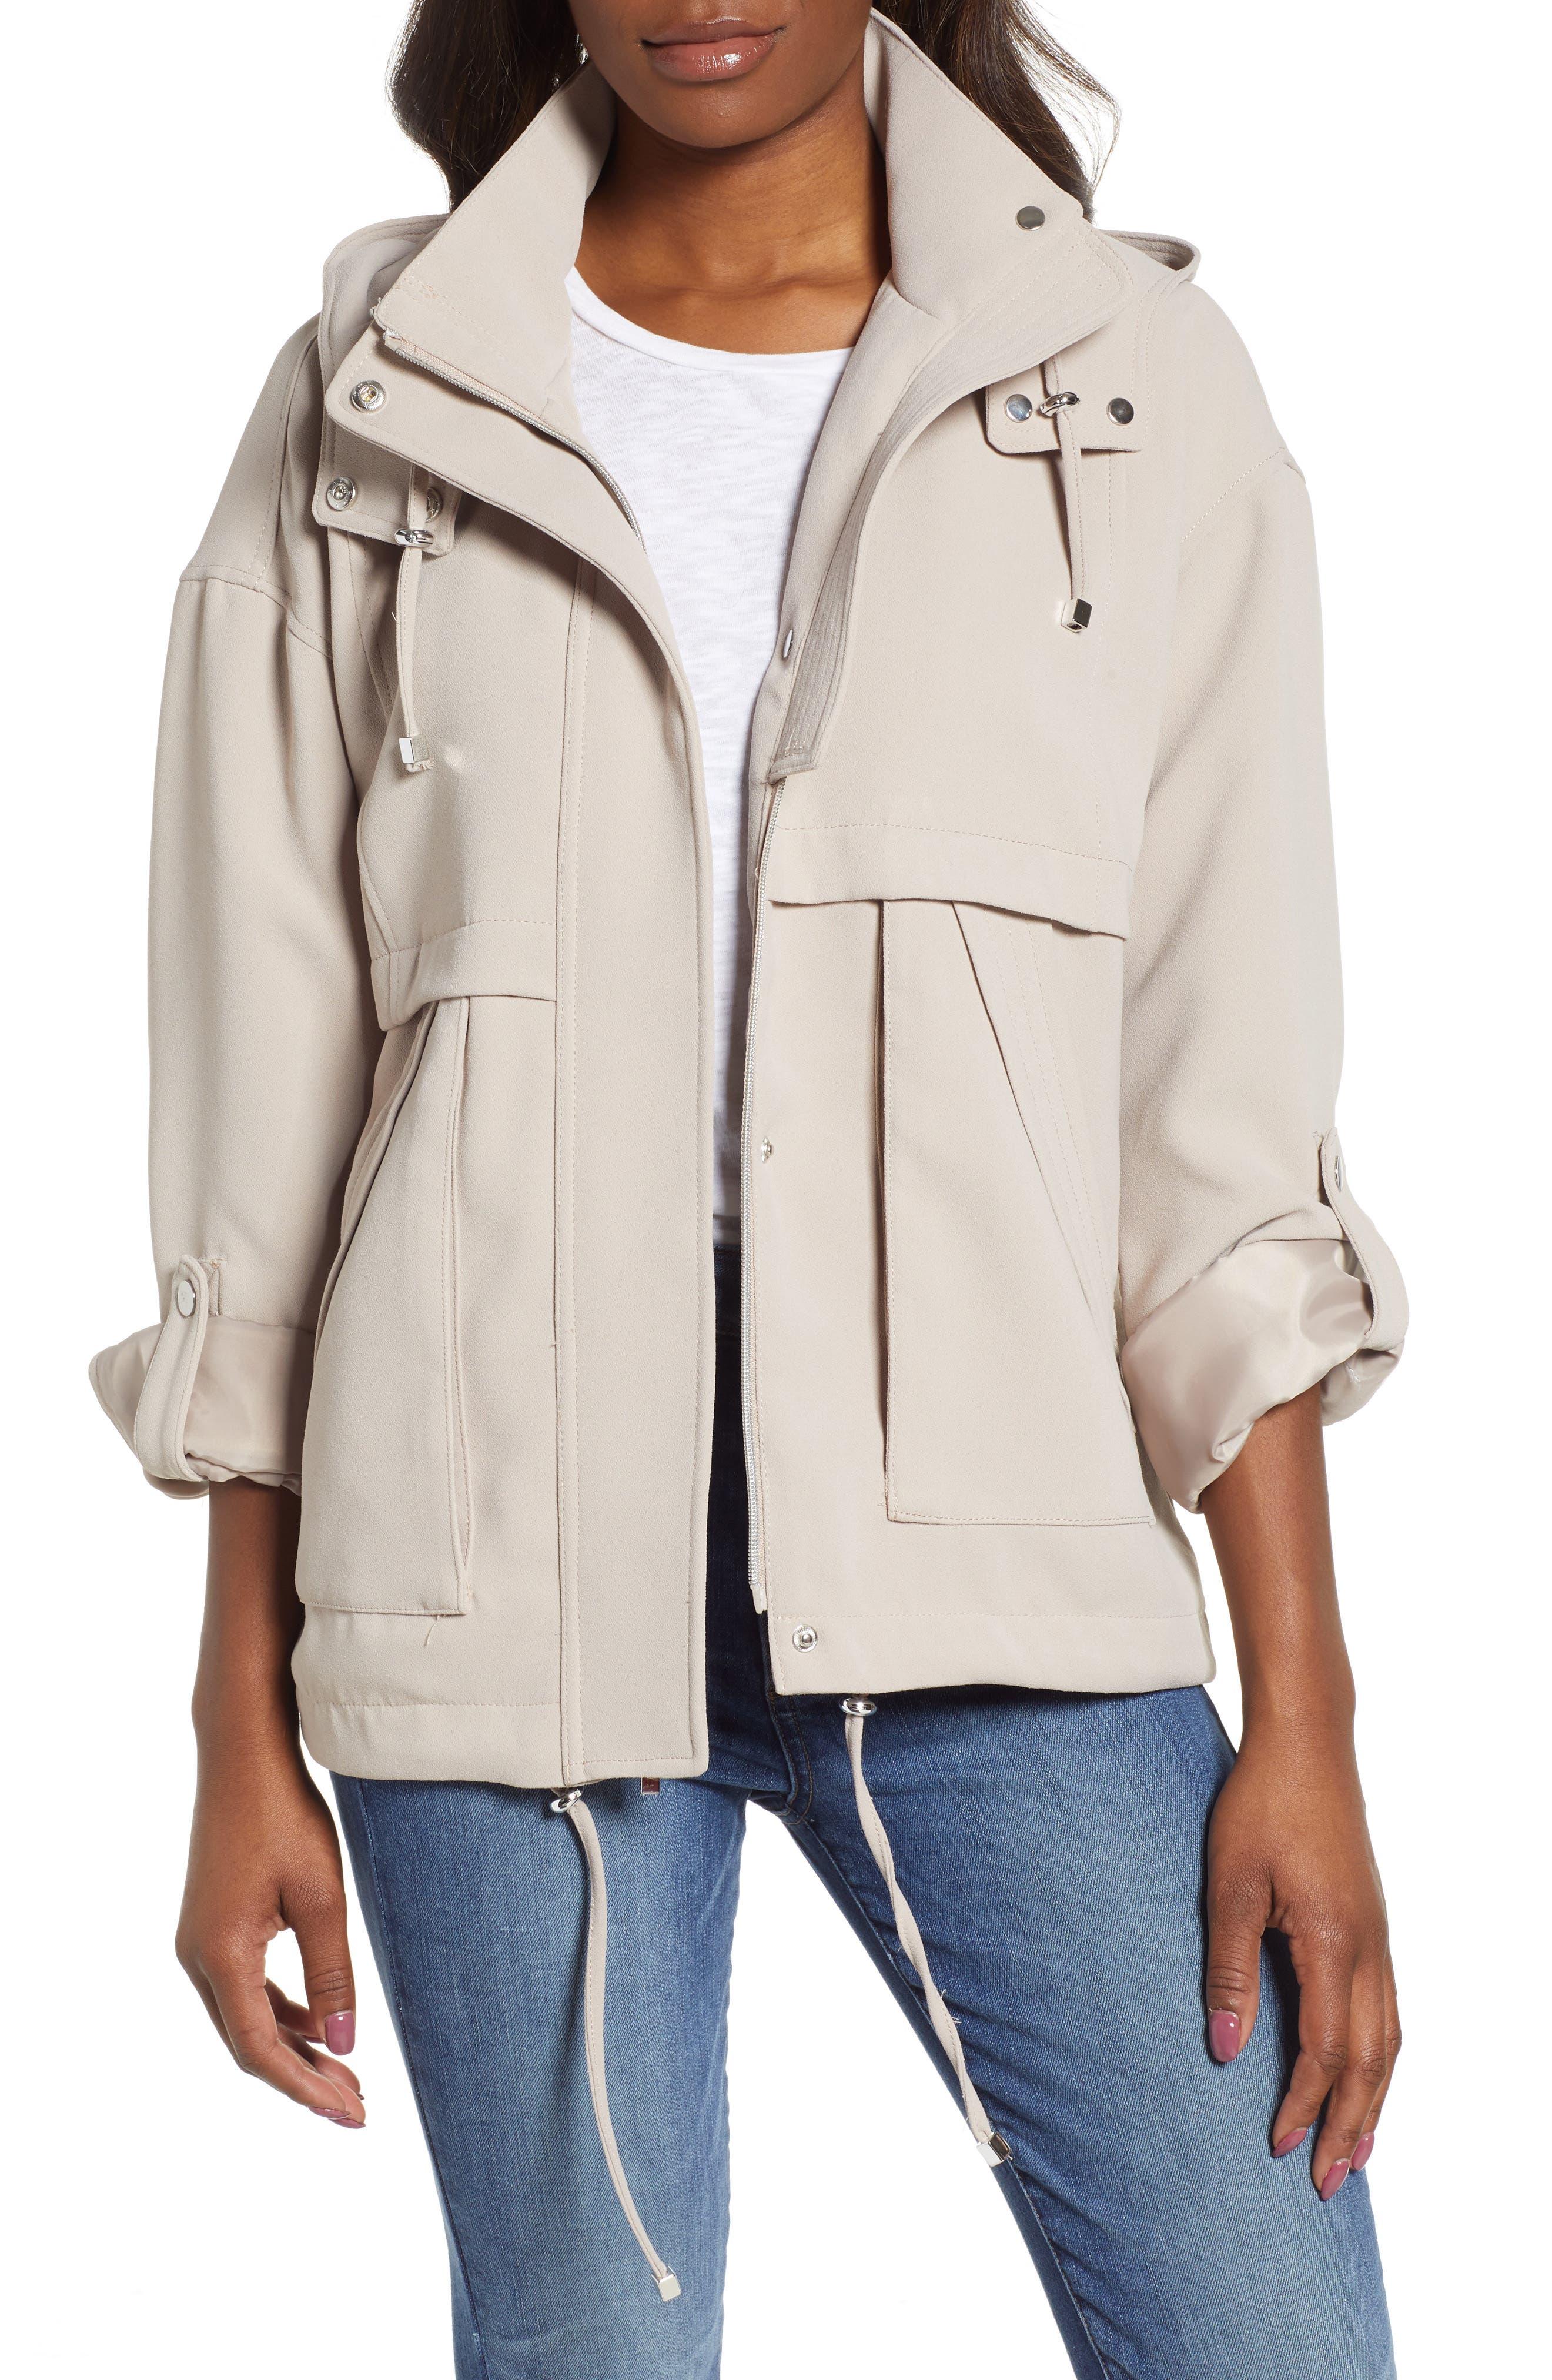 Kensie Crepe Blouson Hooded Jacket, Beige